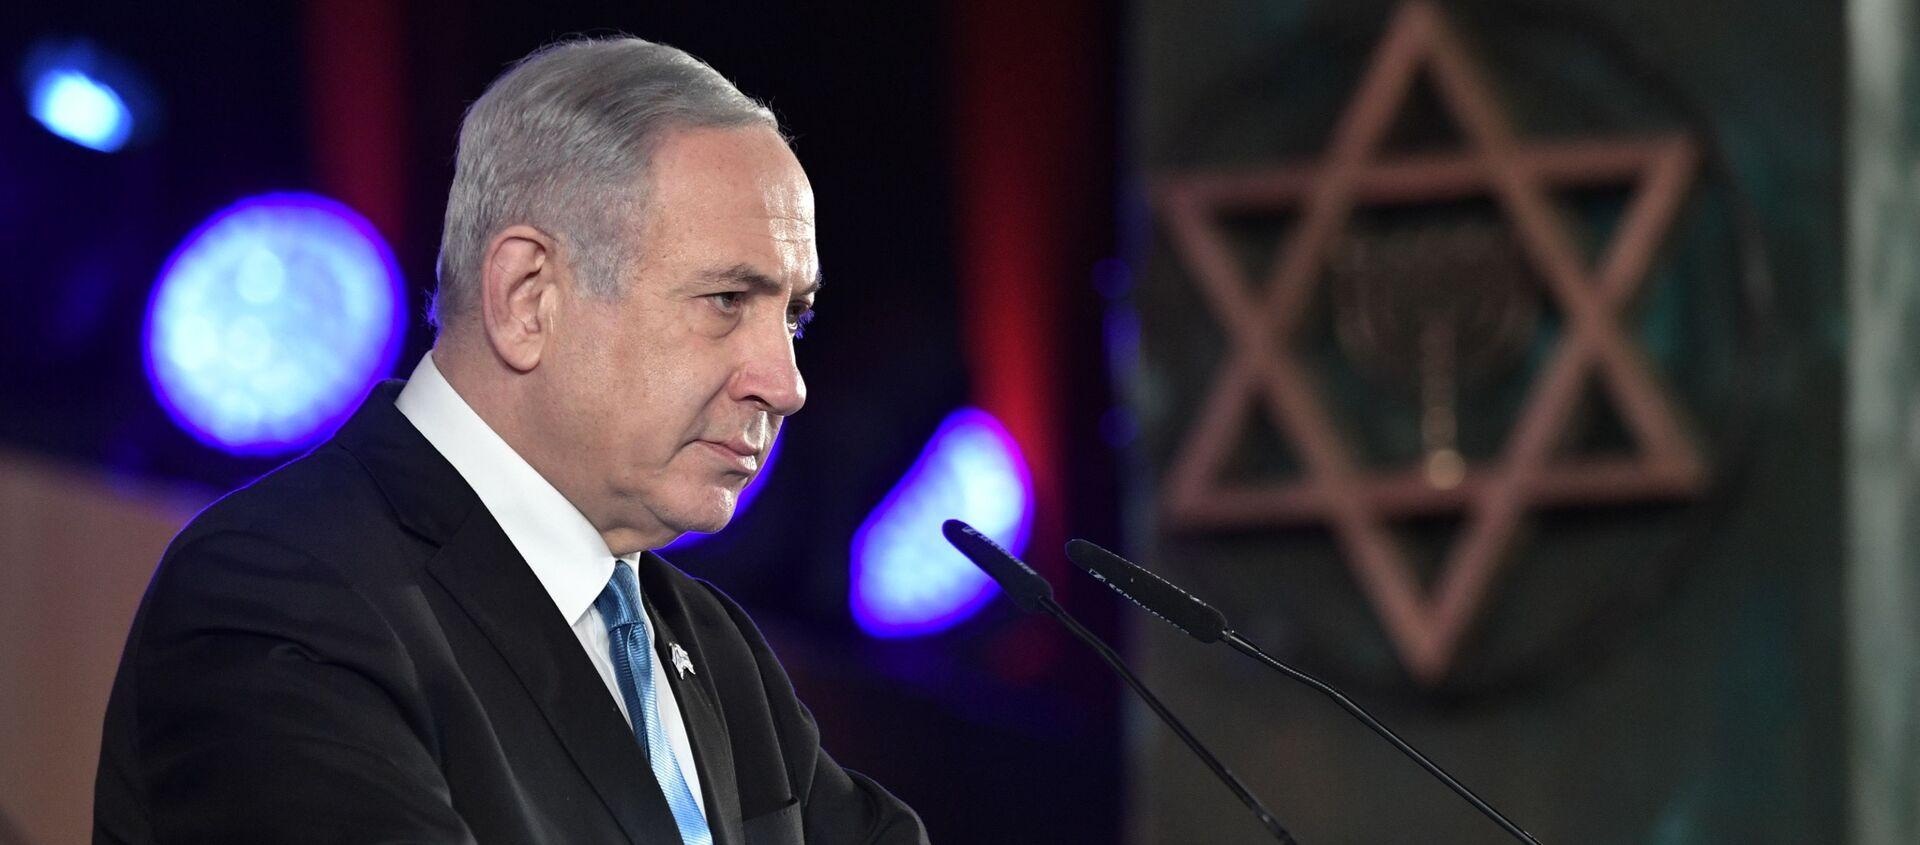 Il primo ministro di Israele Benjamin Netanyahu a Gerusalemme per il Forum sull'Olocausto, 23 gennaio 2020 - Sputnik Italia, 1920, 12.04.2021